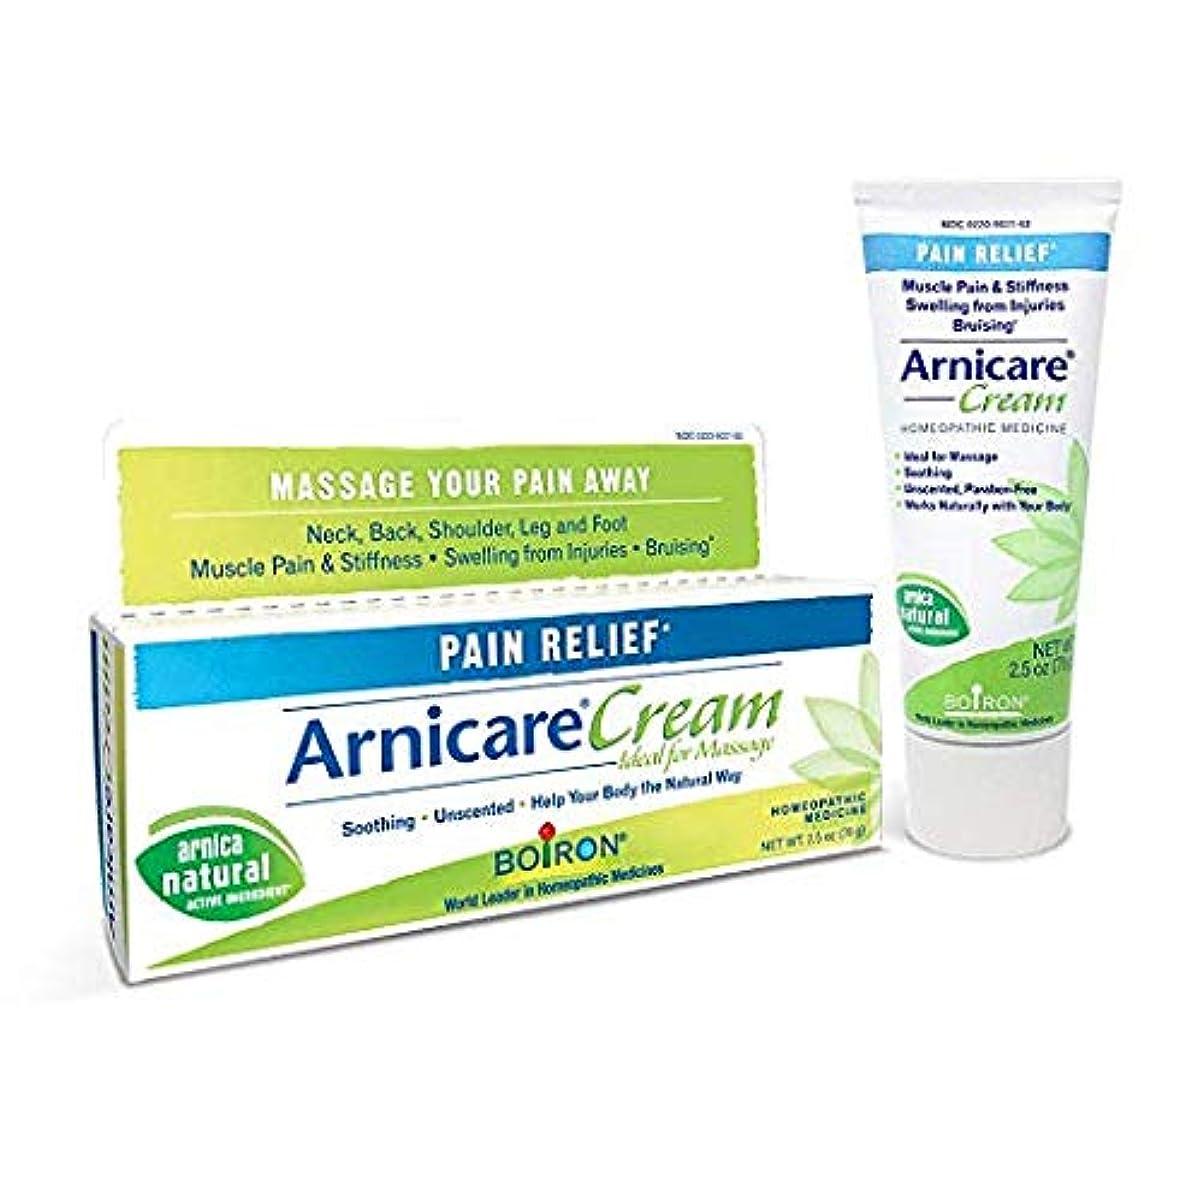 礼拝診療所どきどきボイロン アルニカクリーム Boiron Arnicare Cream 2.5 Ounces Topical Pain Relief Cream [並行輸入品]